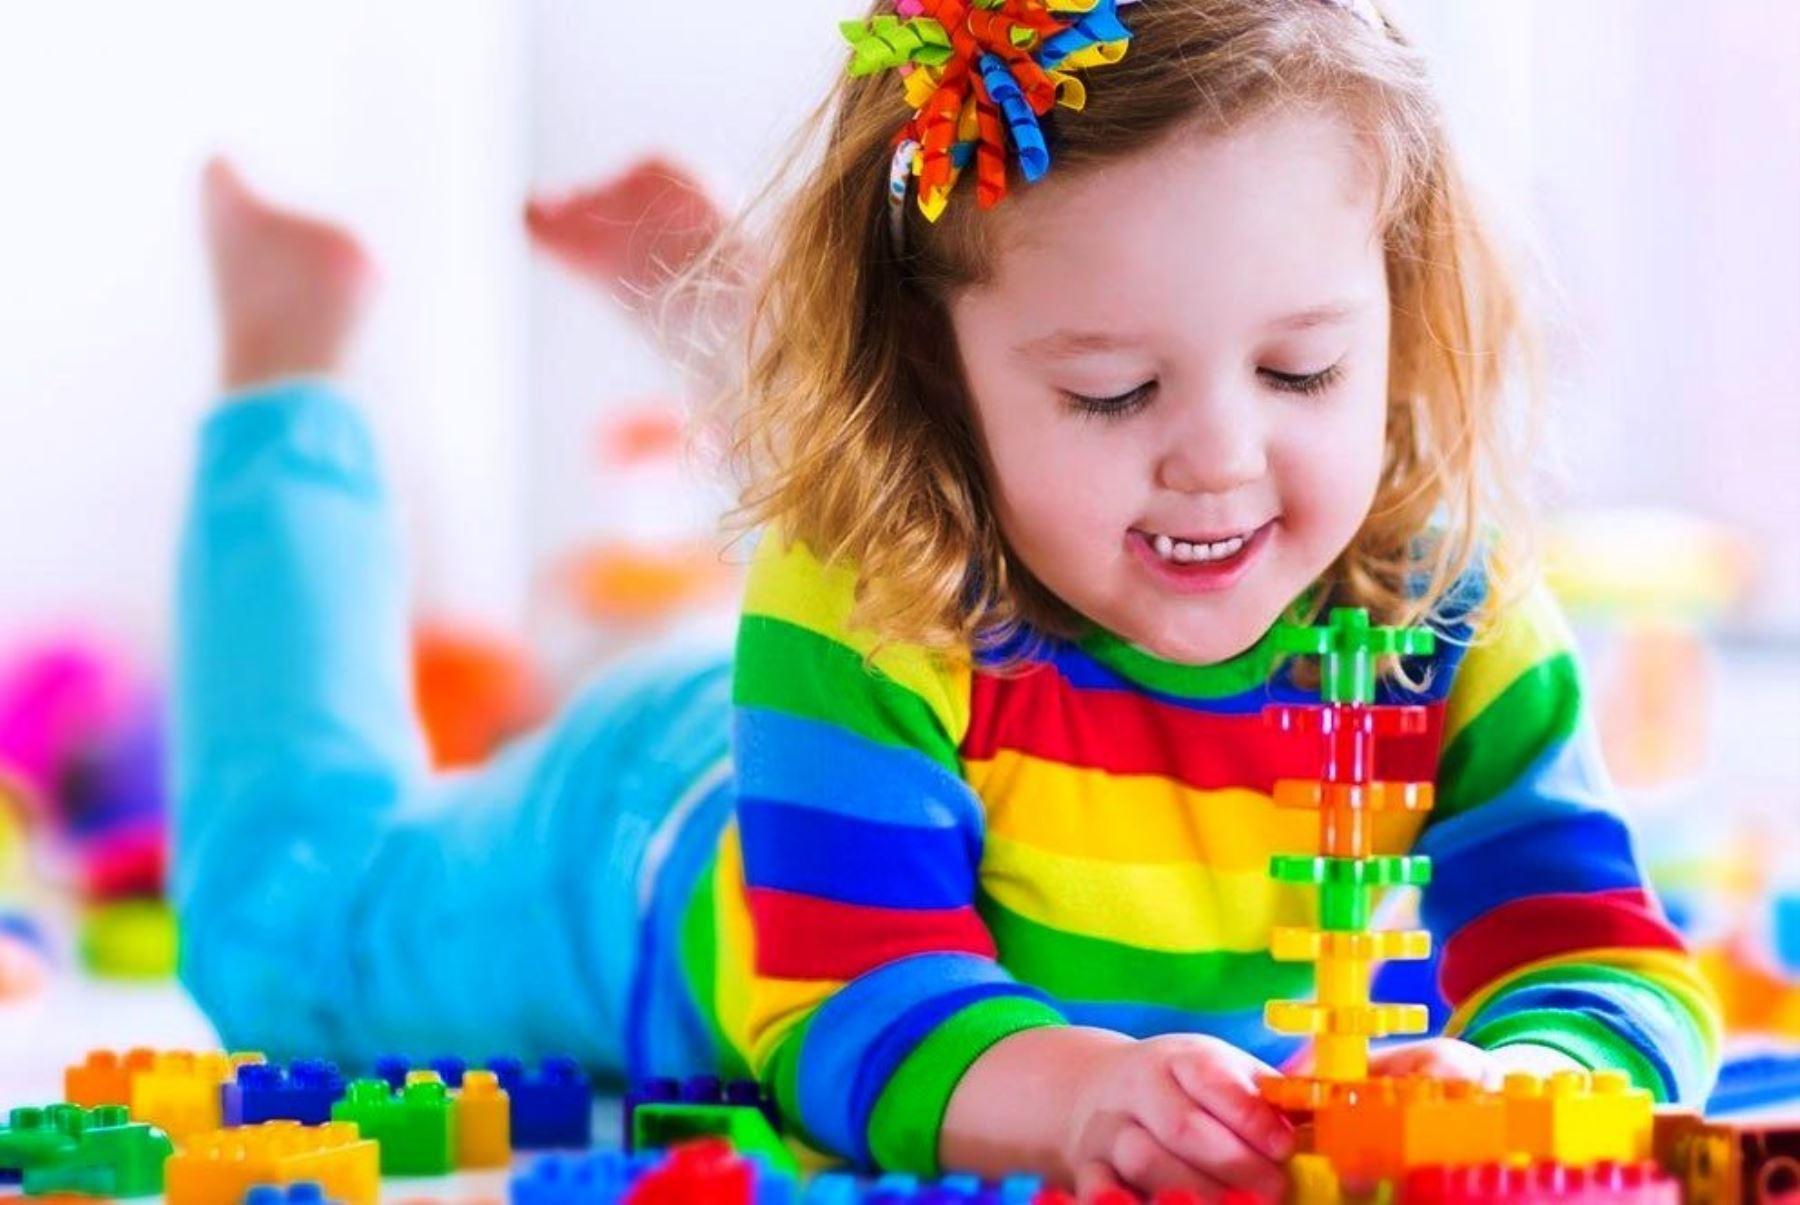 Navidad: regala juguetes que fomenten la comunicación y el aprendizaje. Foto: ANDINA/Difusión.